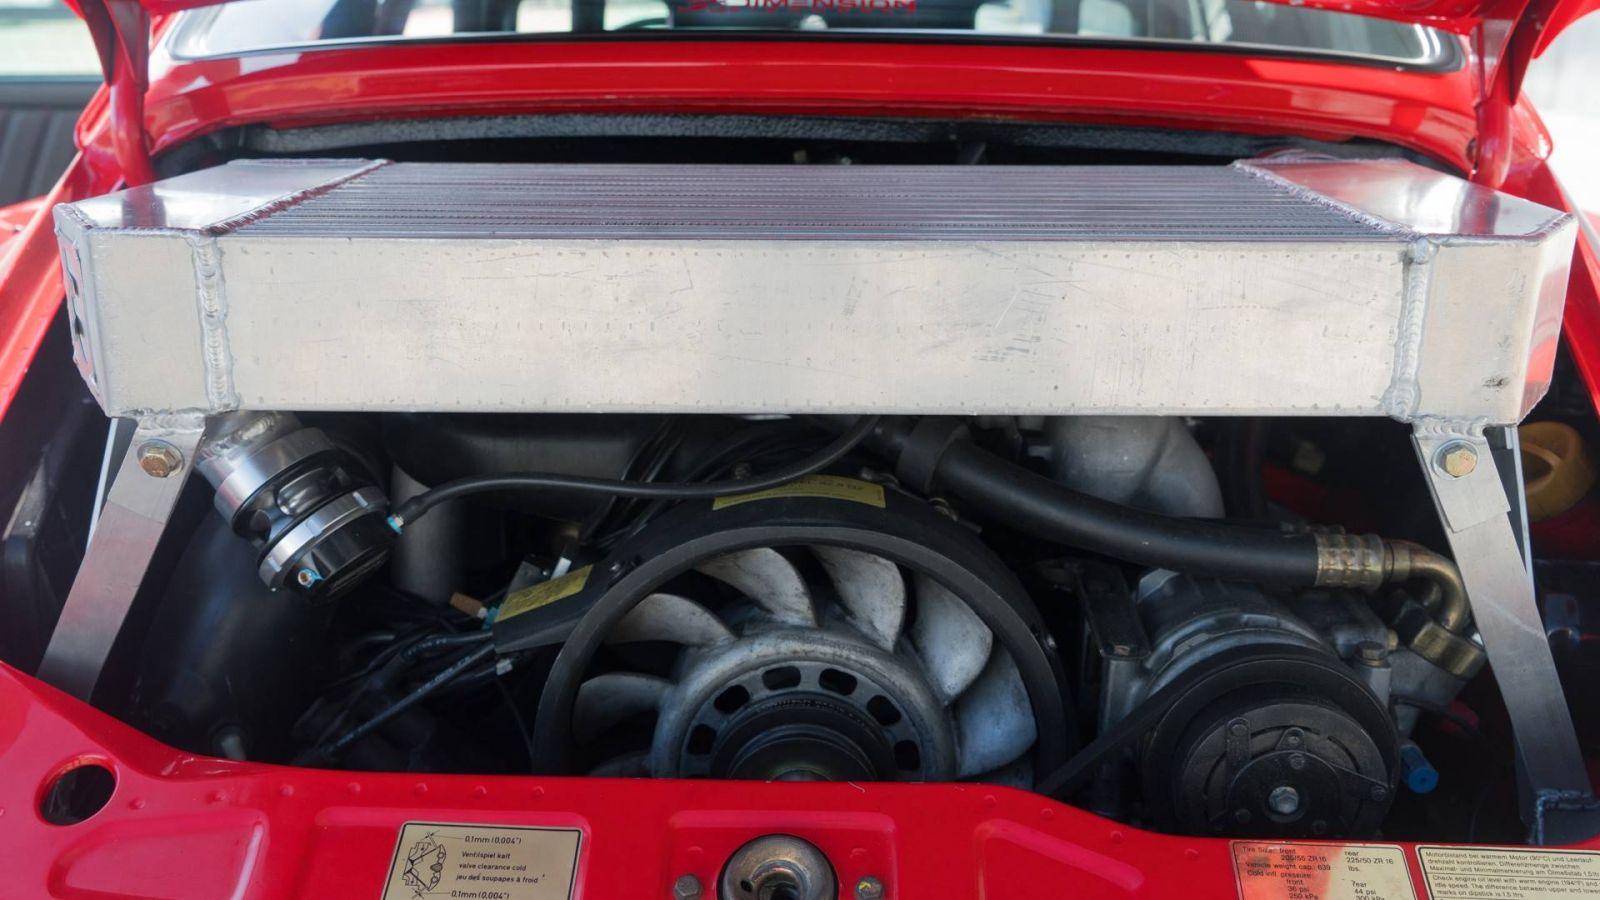 Chiêm ngưỡng chiếc Porsche 911 cổ điển độ phong cách xe đua RWB - Hình 6